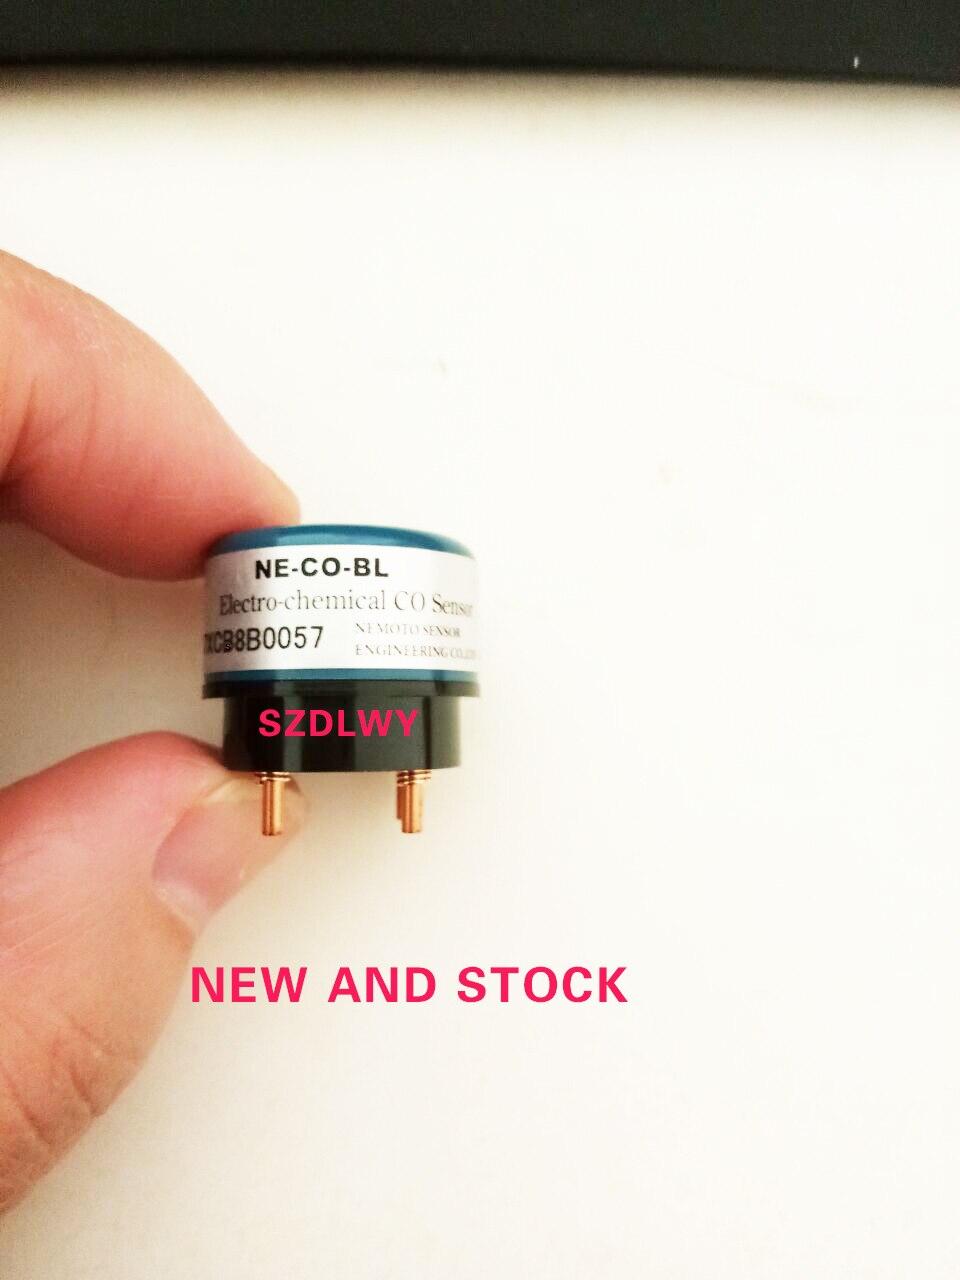 100% NEMOTO sensore di gas CO NE-CO-BL nuovo e magazzino!100% NEMOTO sensore di gas CO NE-CO-BL nuovo e magazzino!